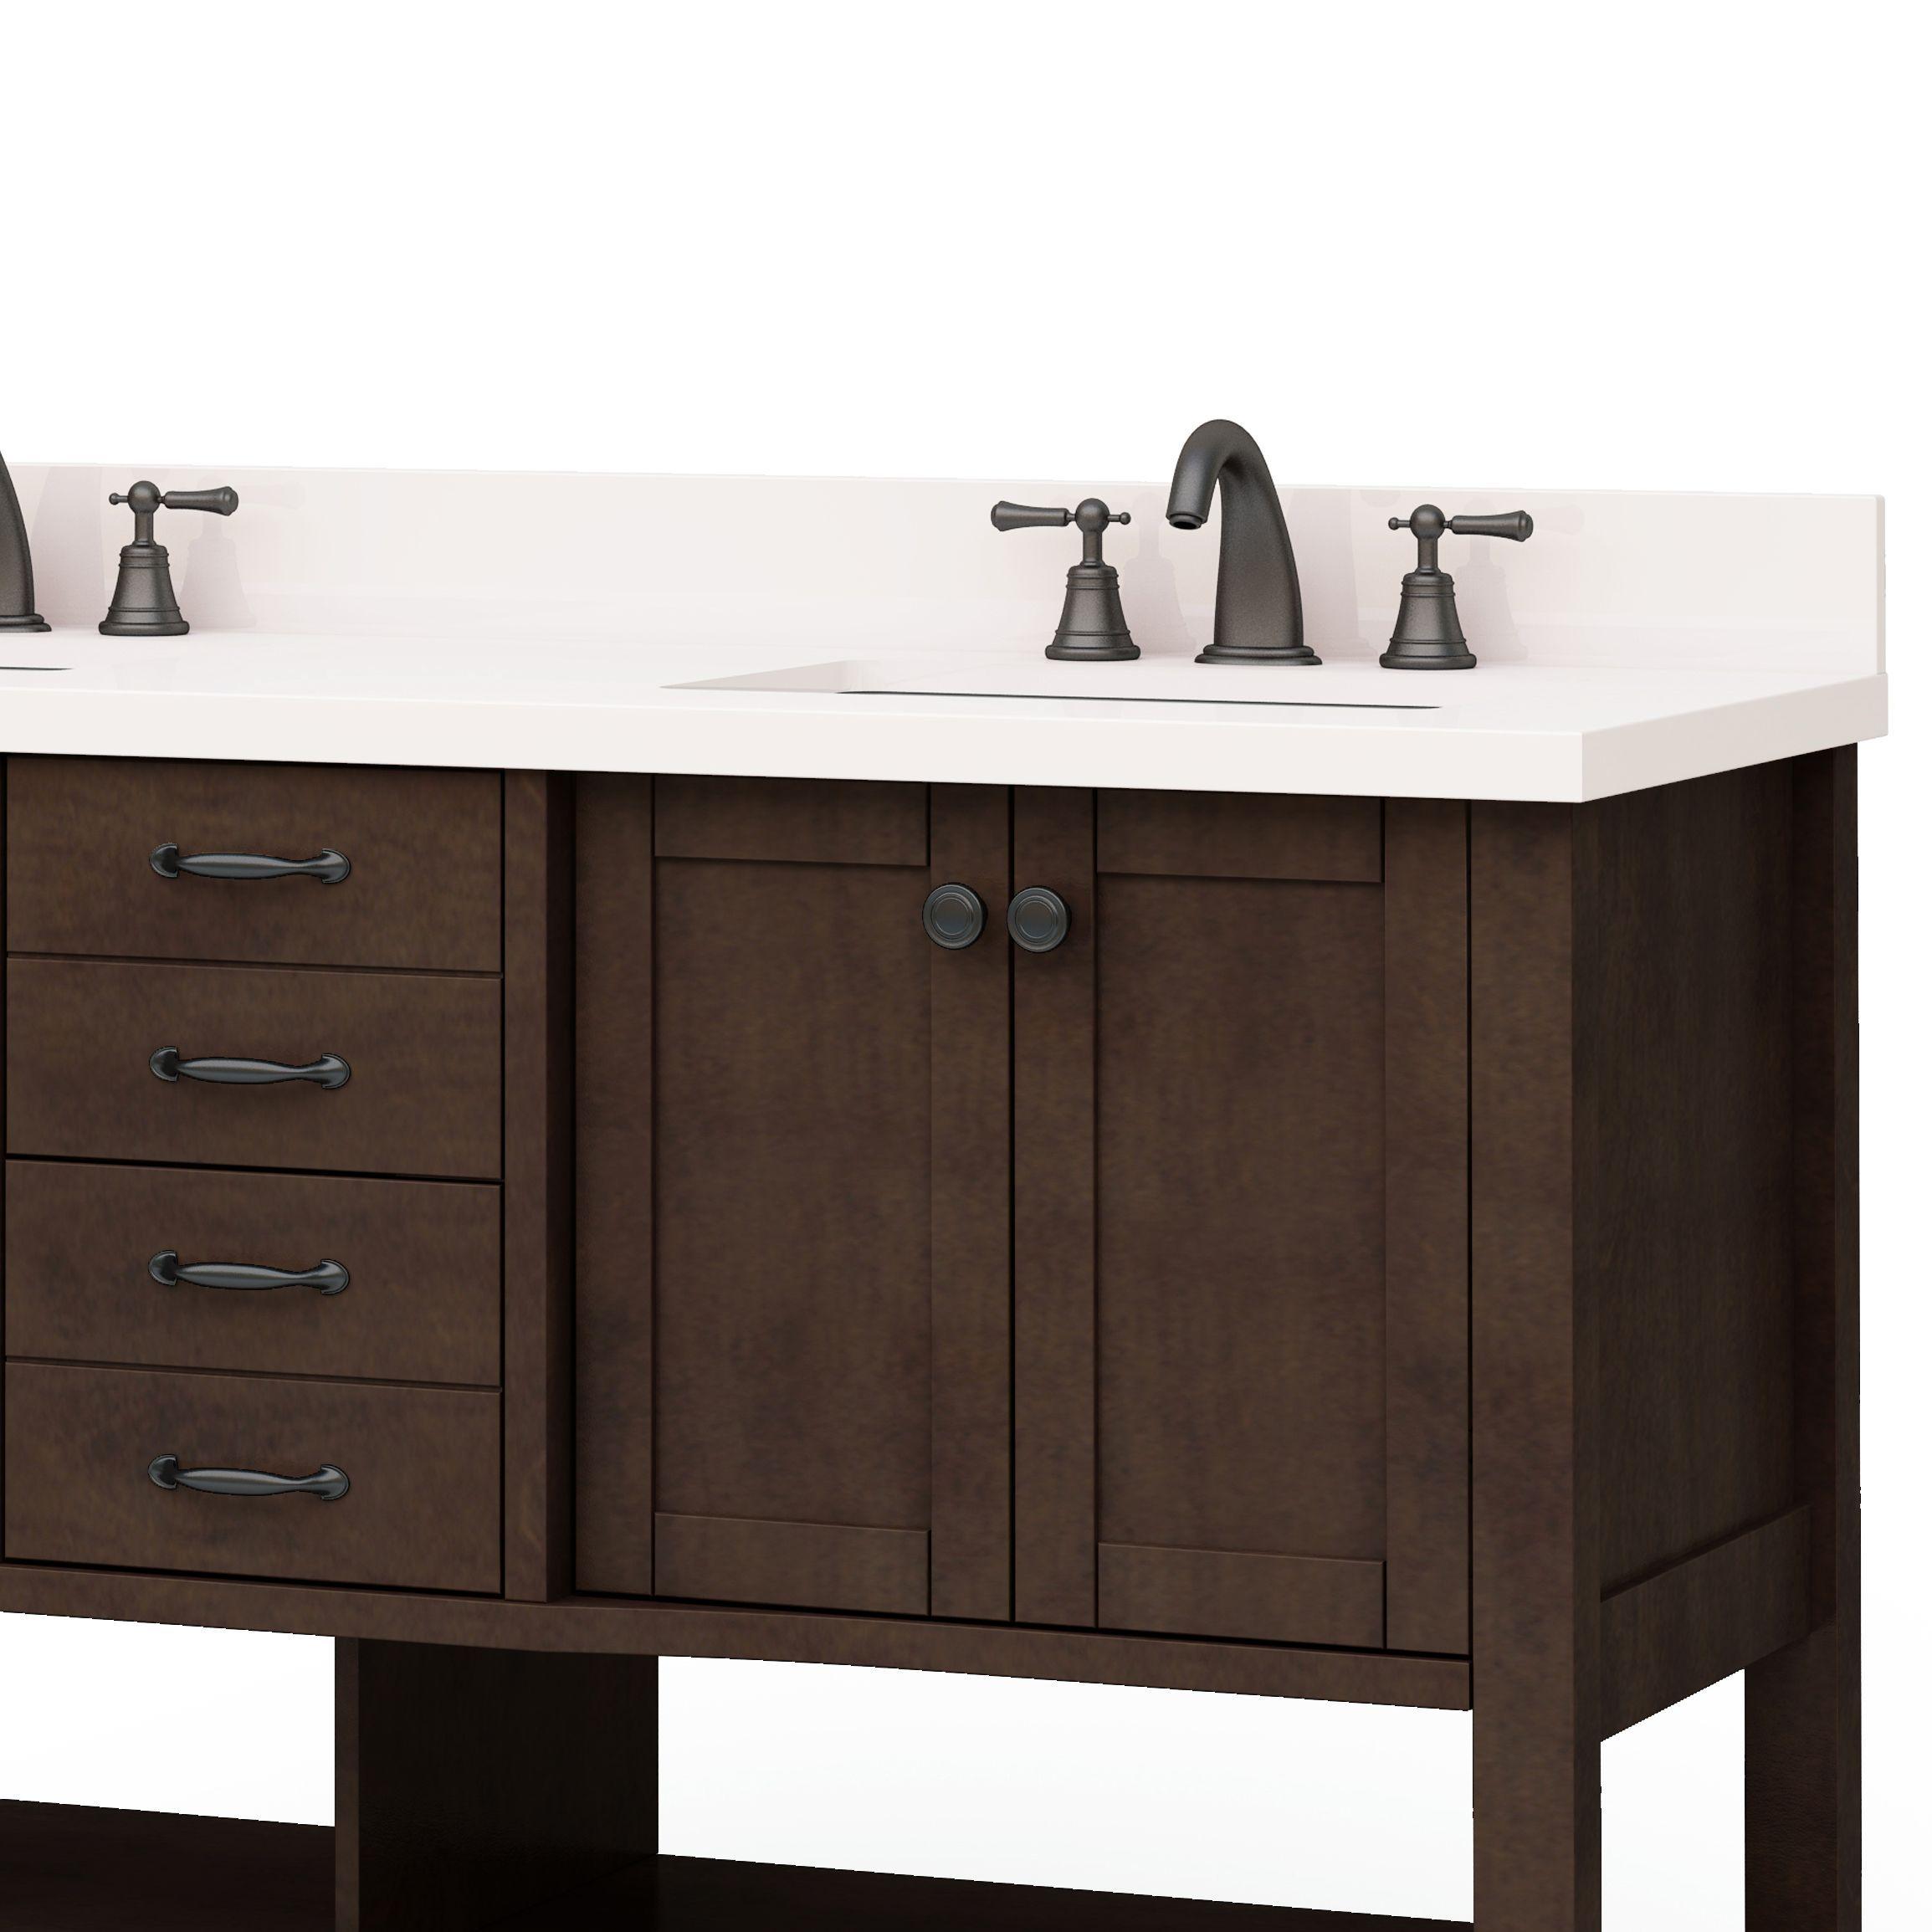 Allen Roth Kingscote 60 In Espresso Double Sink Bathroom Vanity